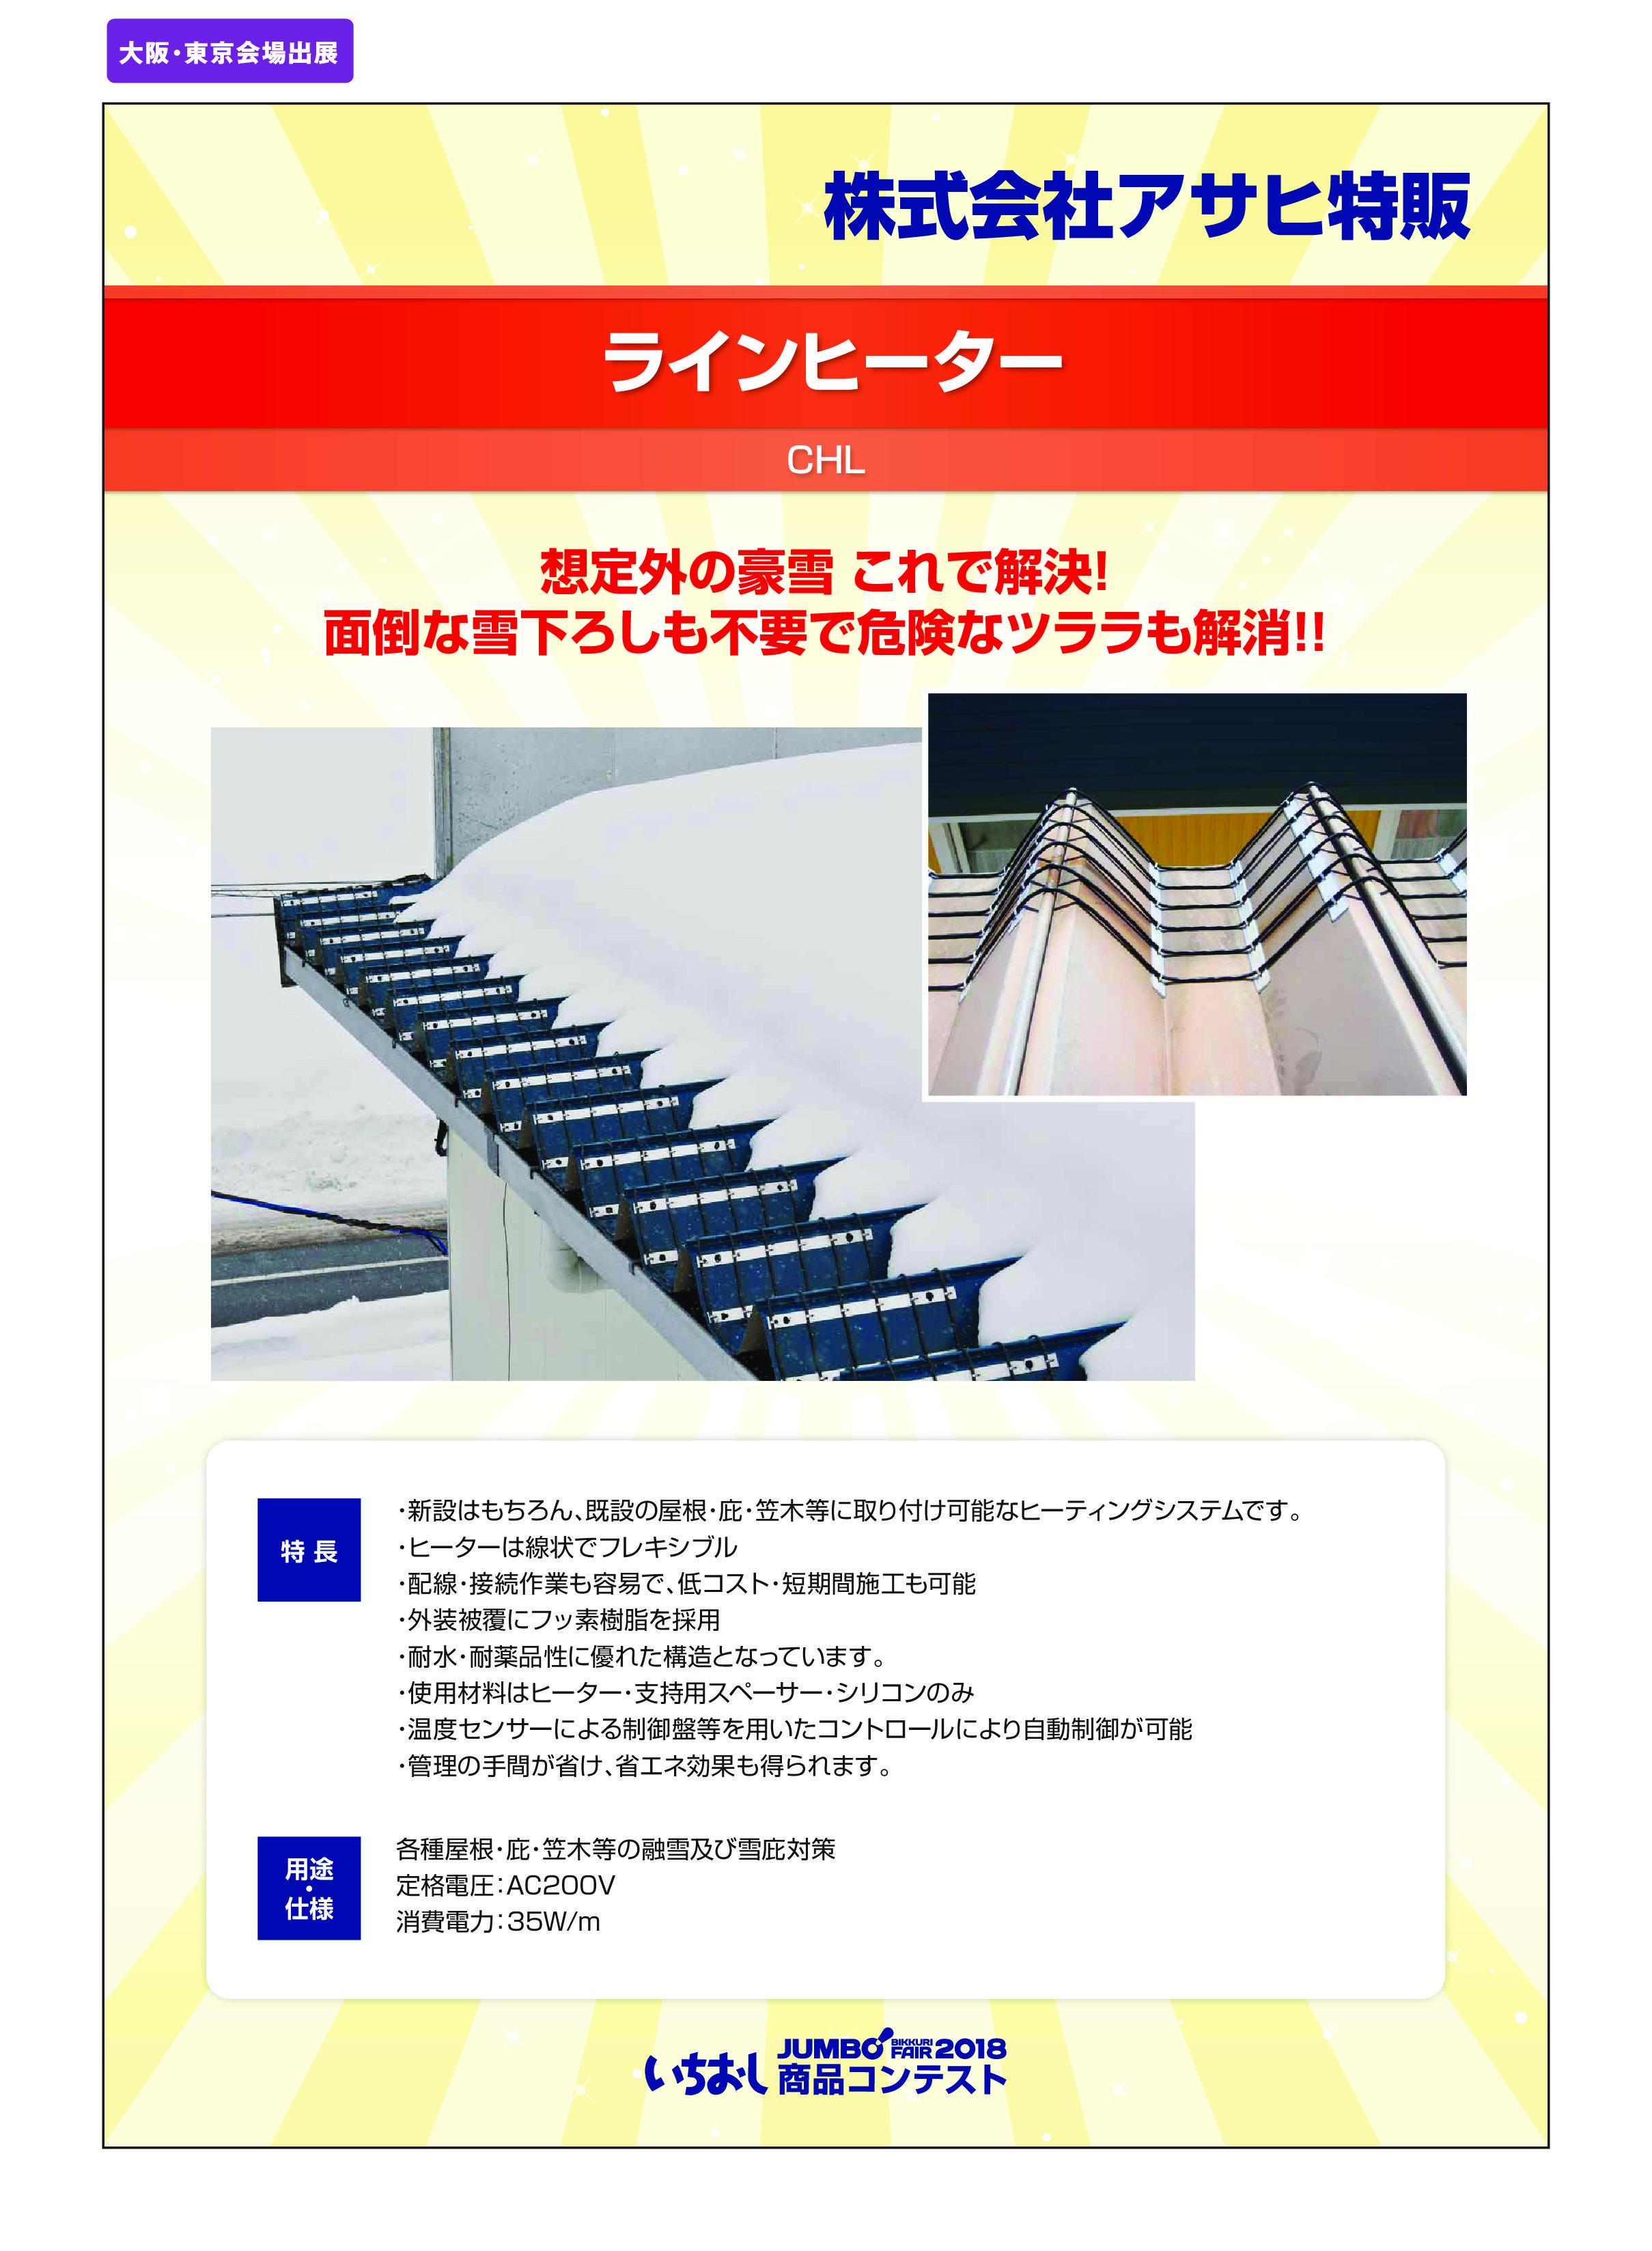 「ラインヒーター」株式会社アサヒ特販の画像